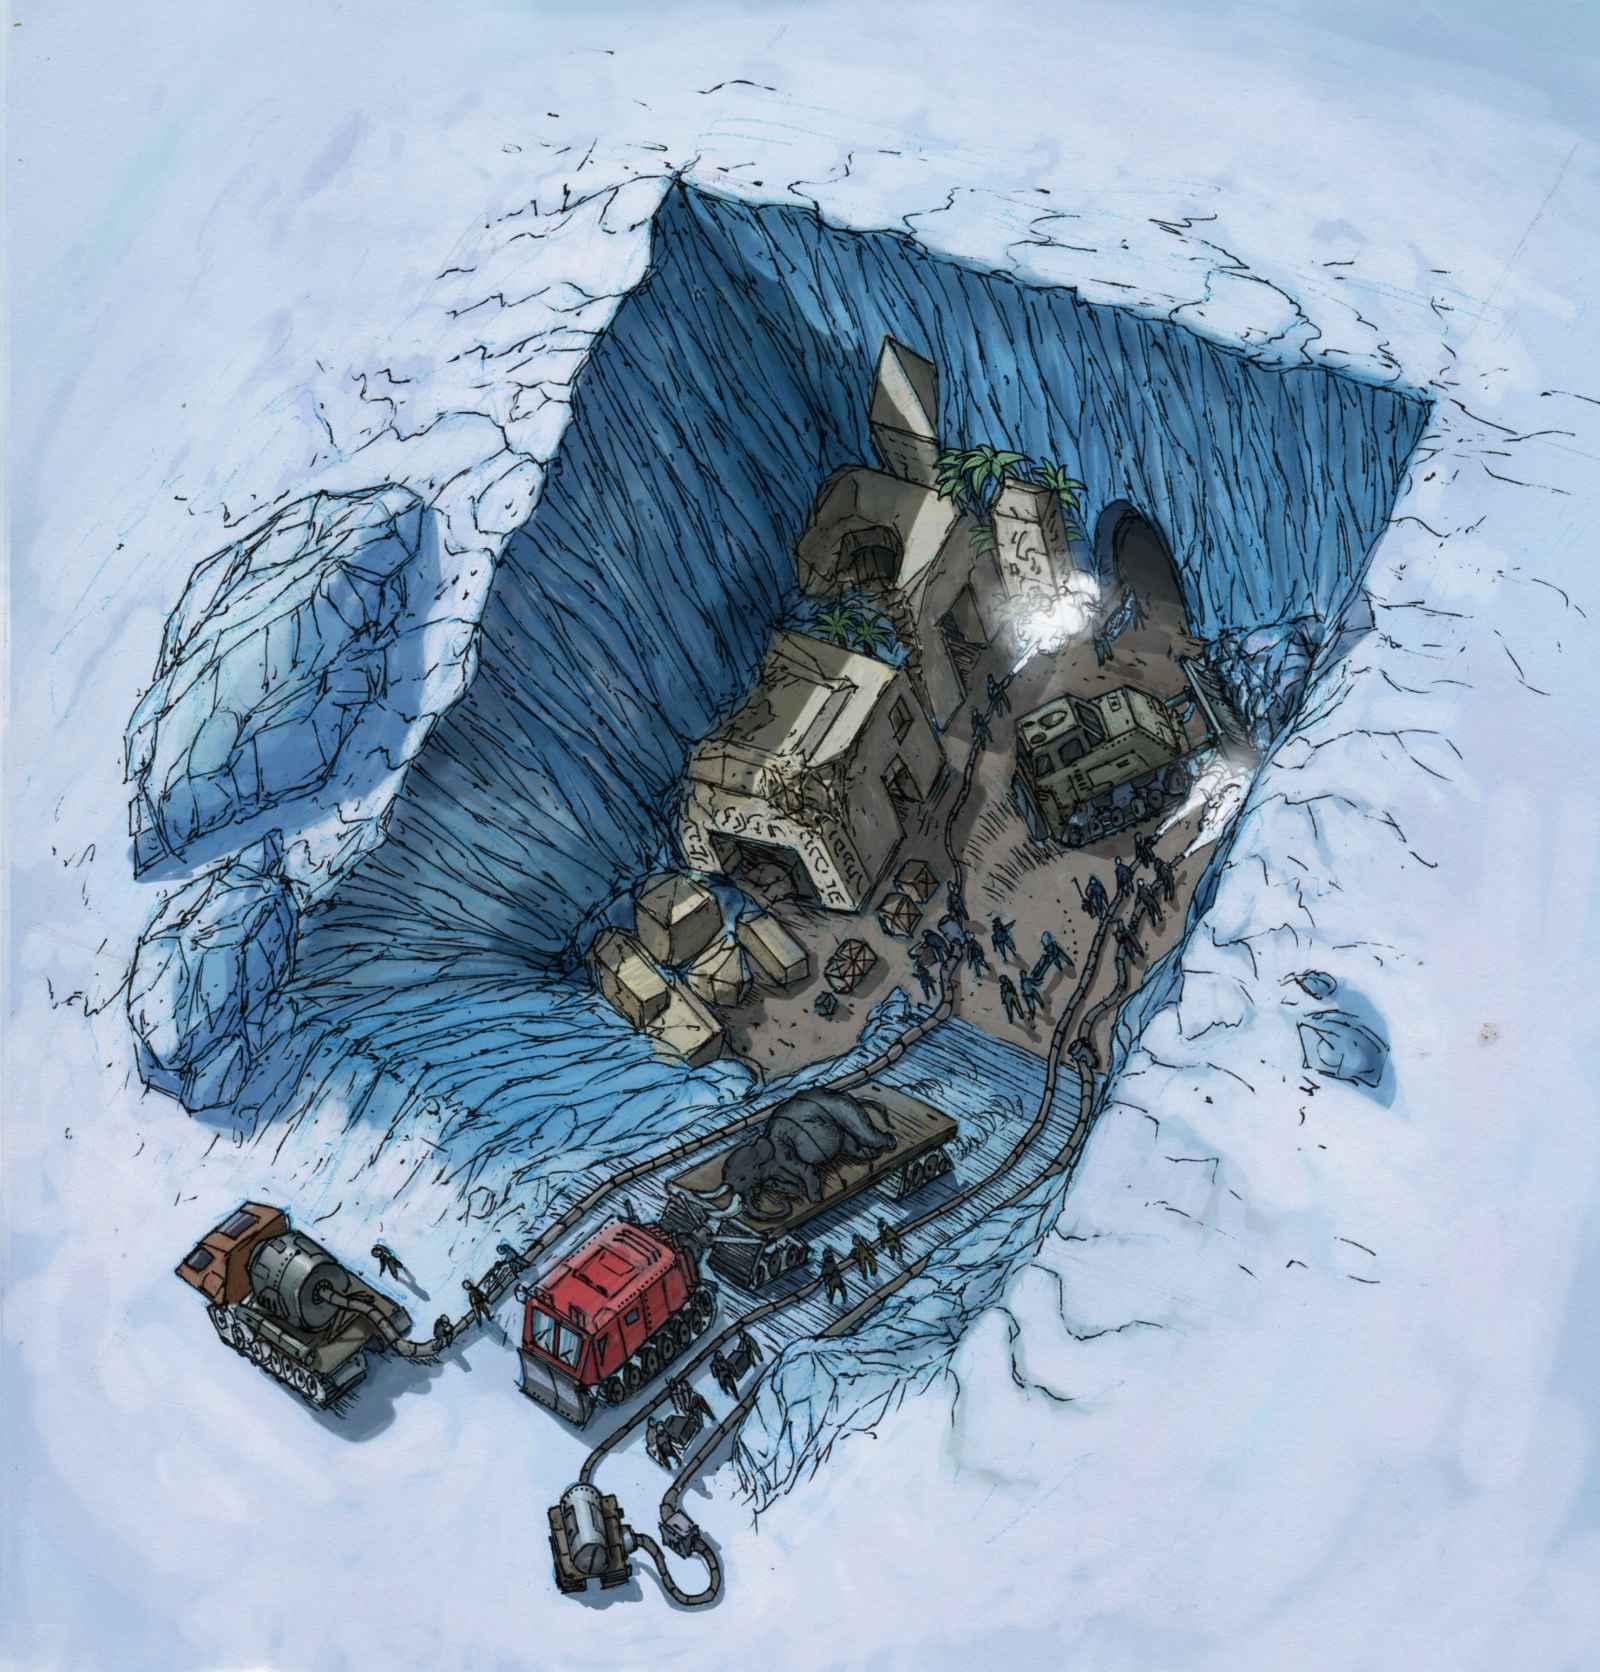 Oude beschaving ontdekt onder Antarctica?